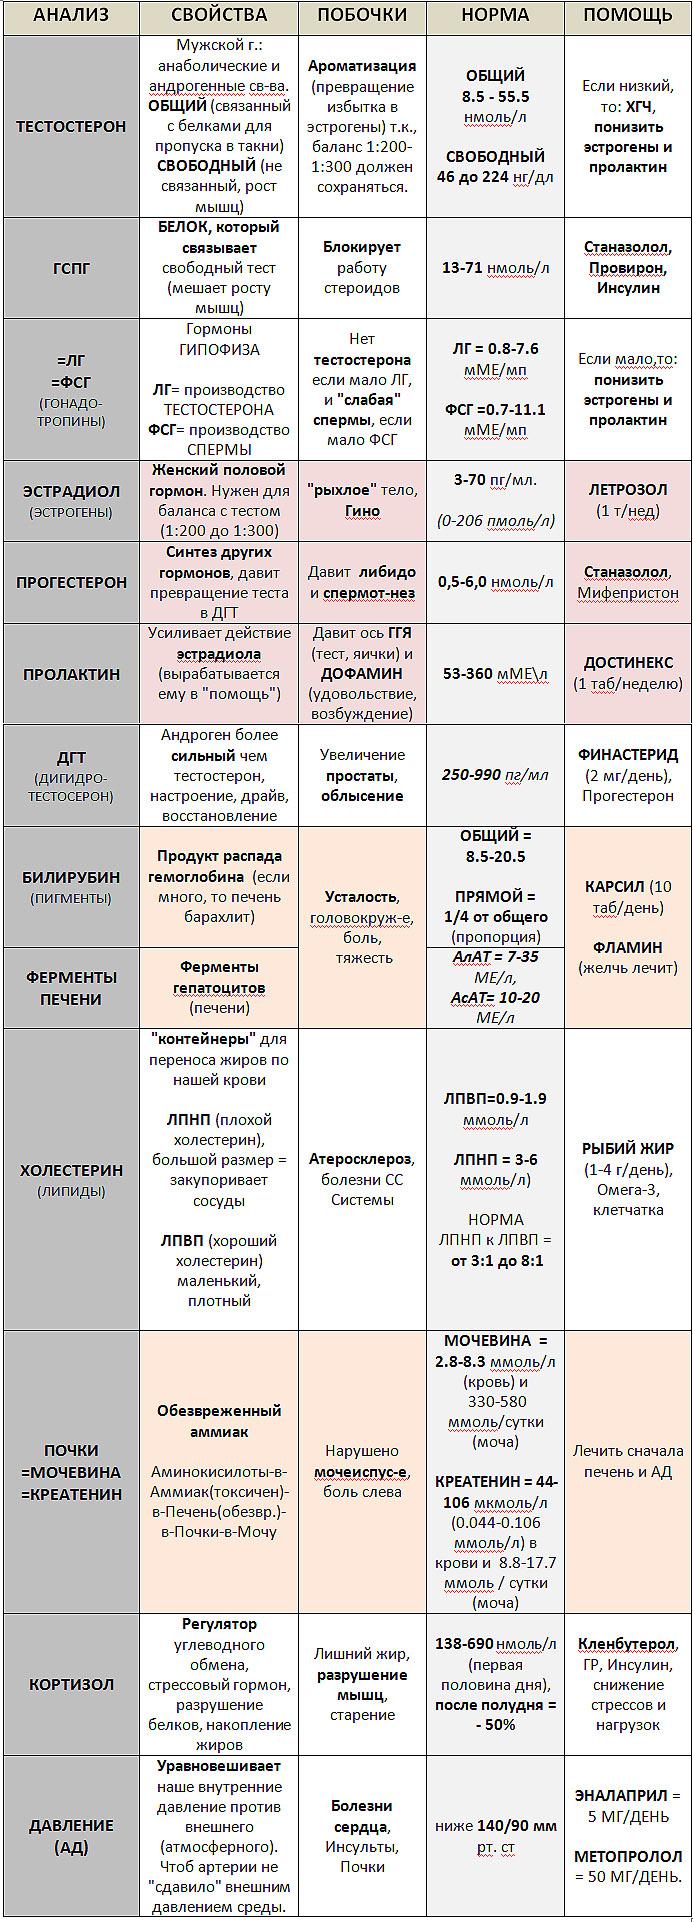 trans-soset-svoy-huy